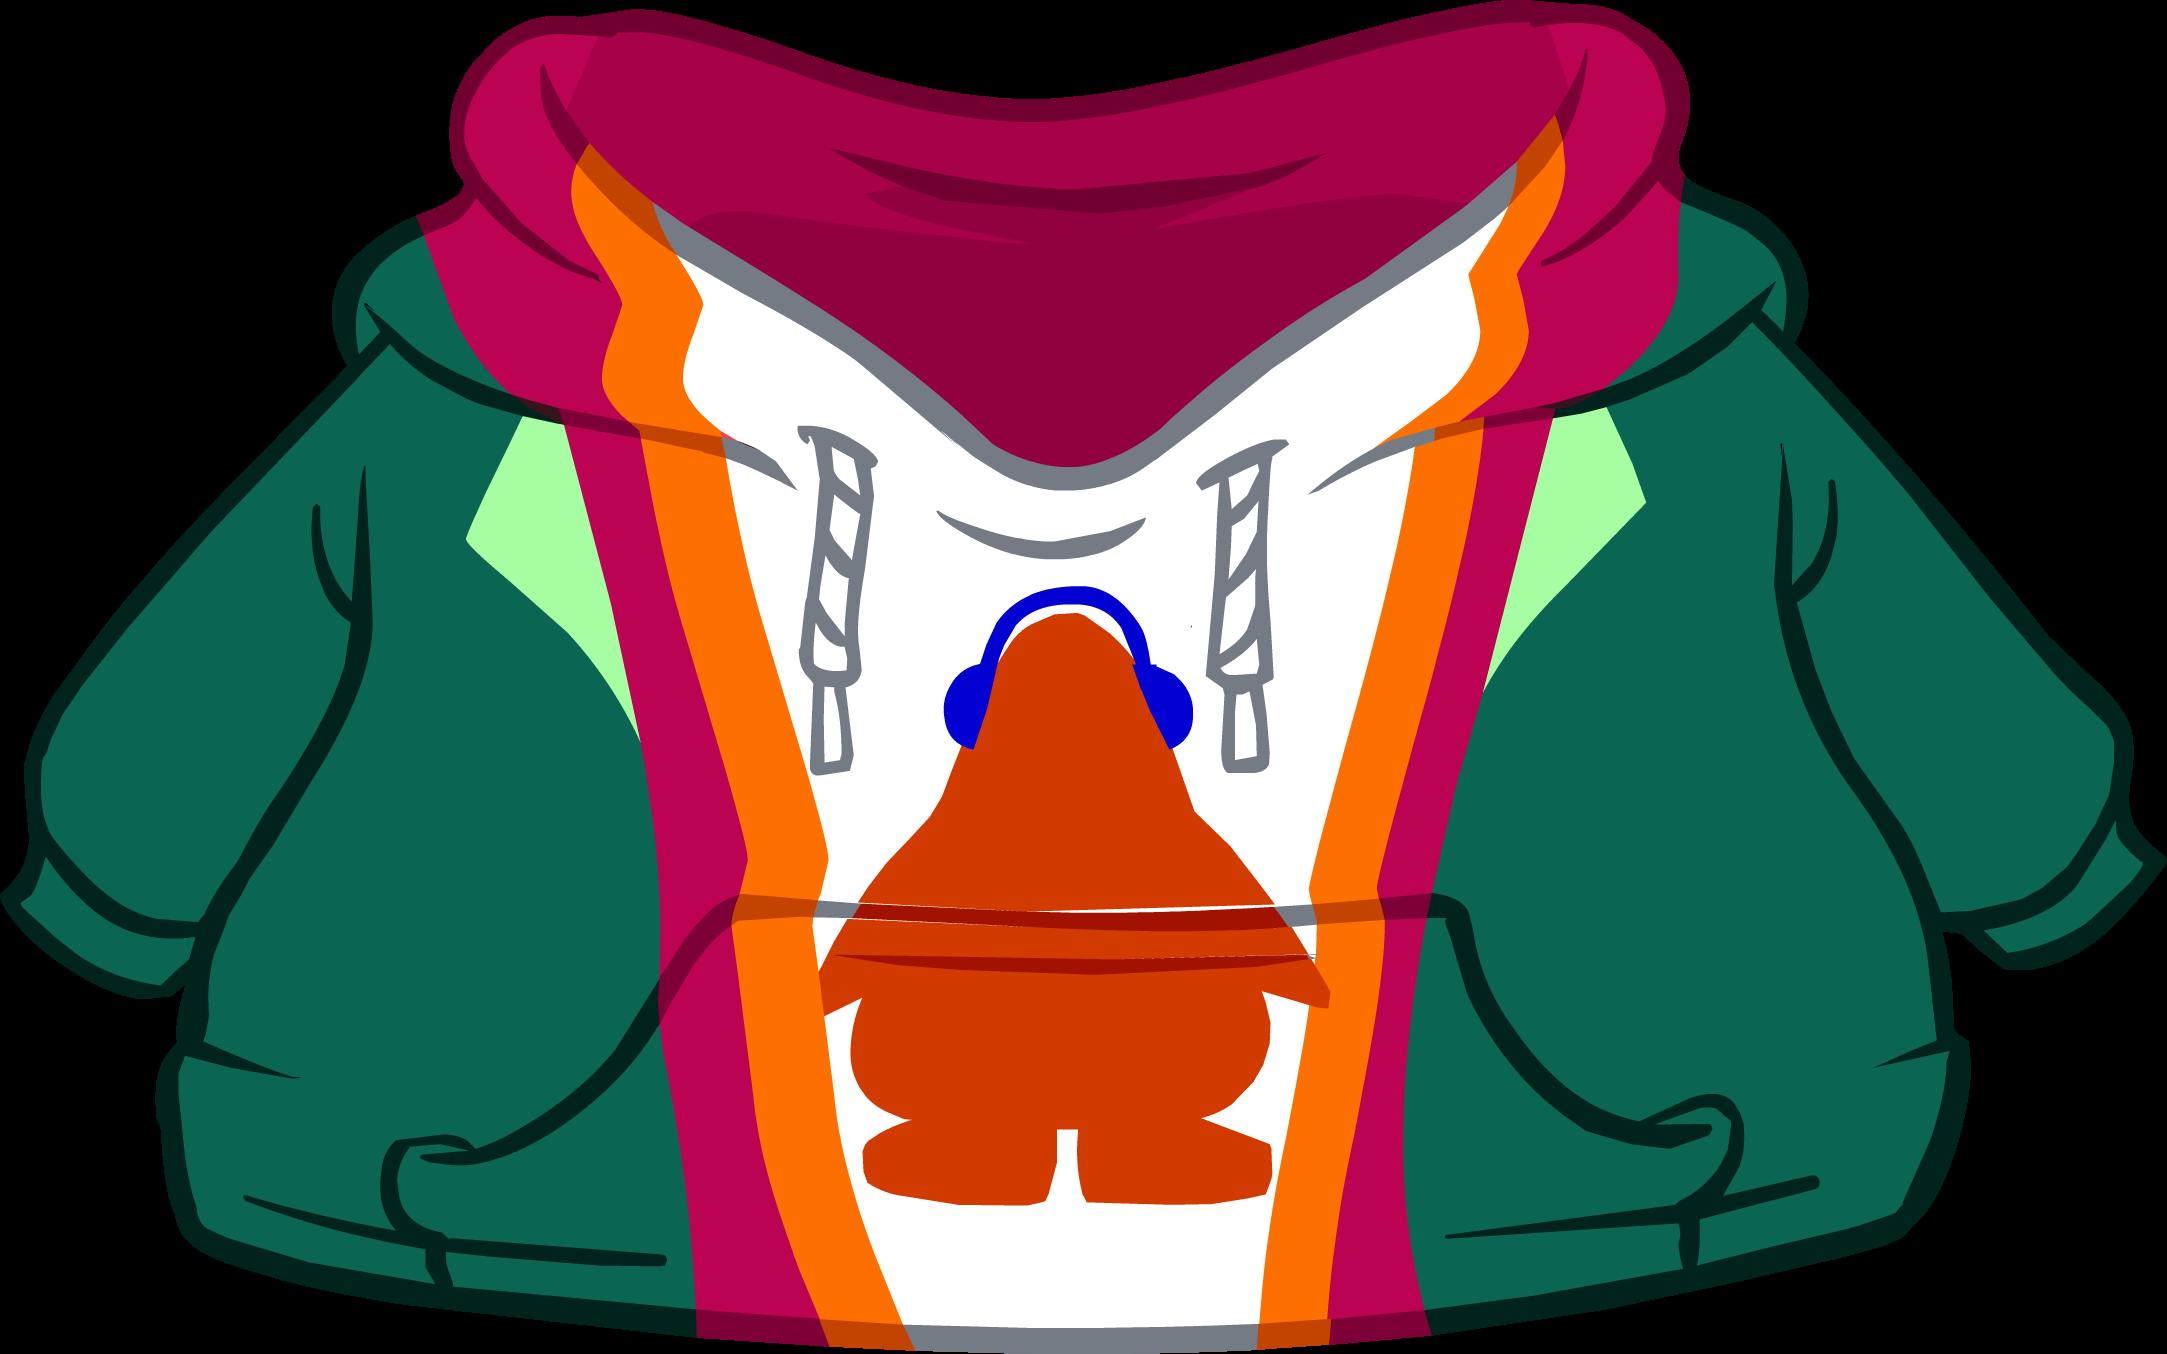 Cangurito de Franky